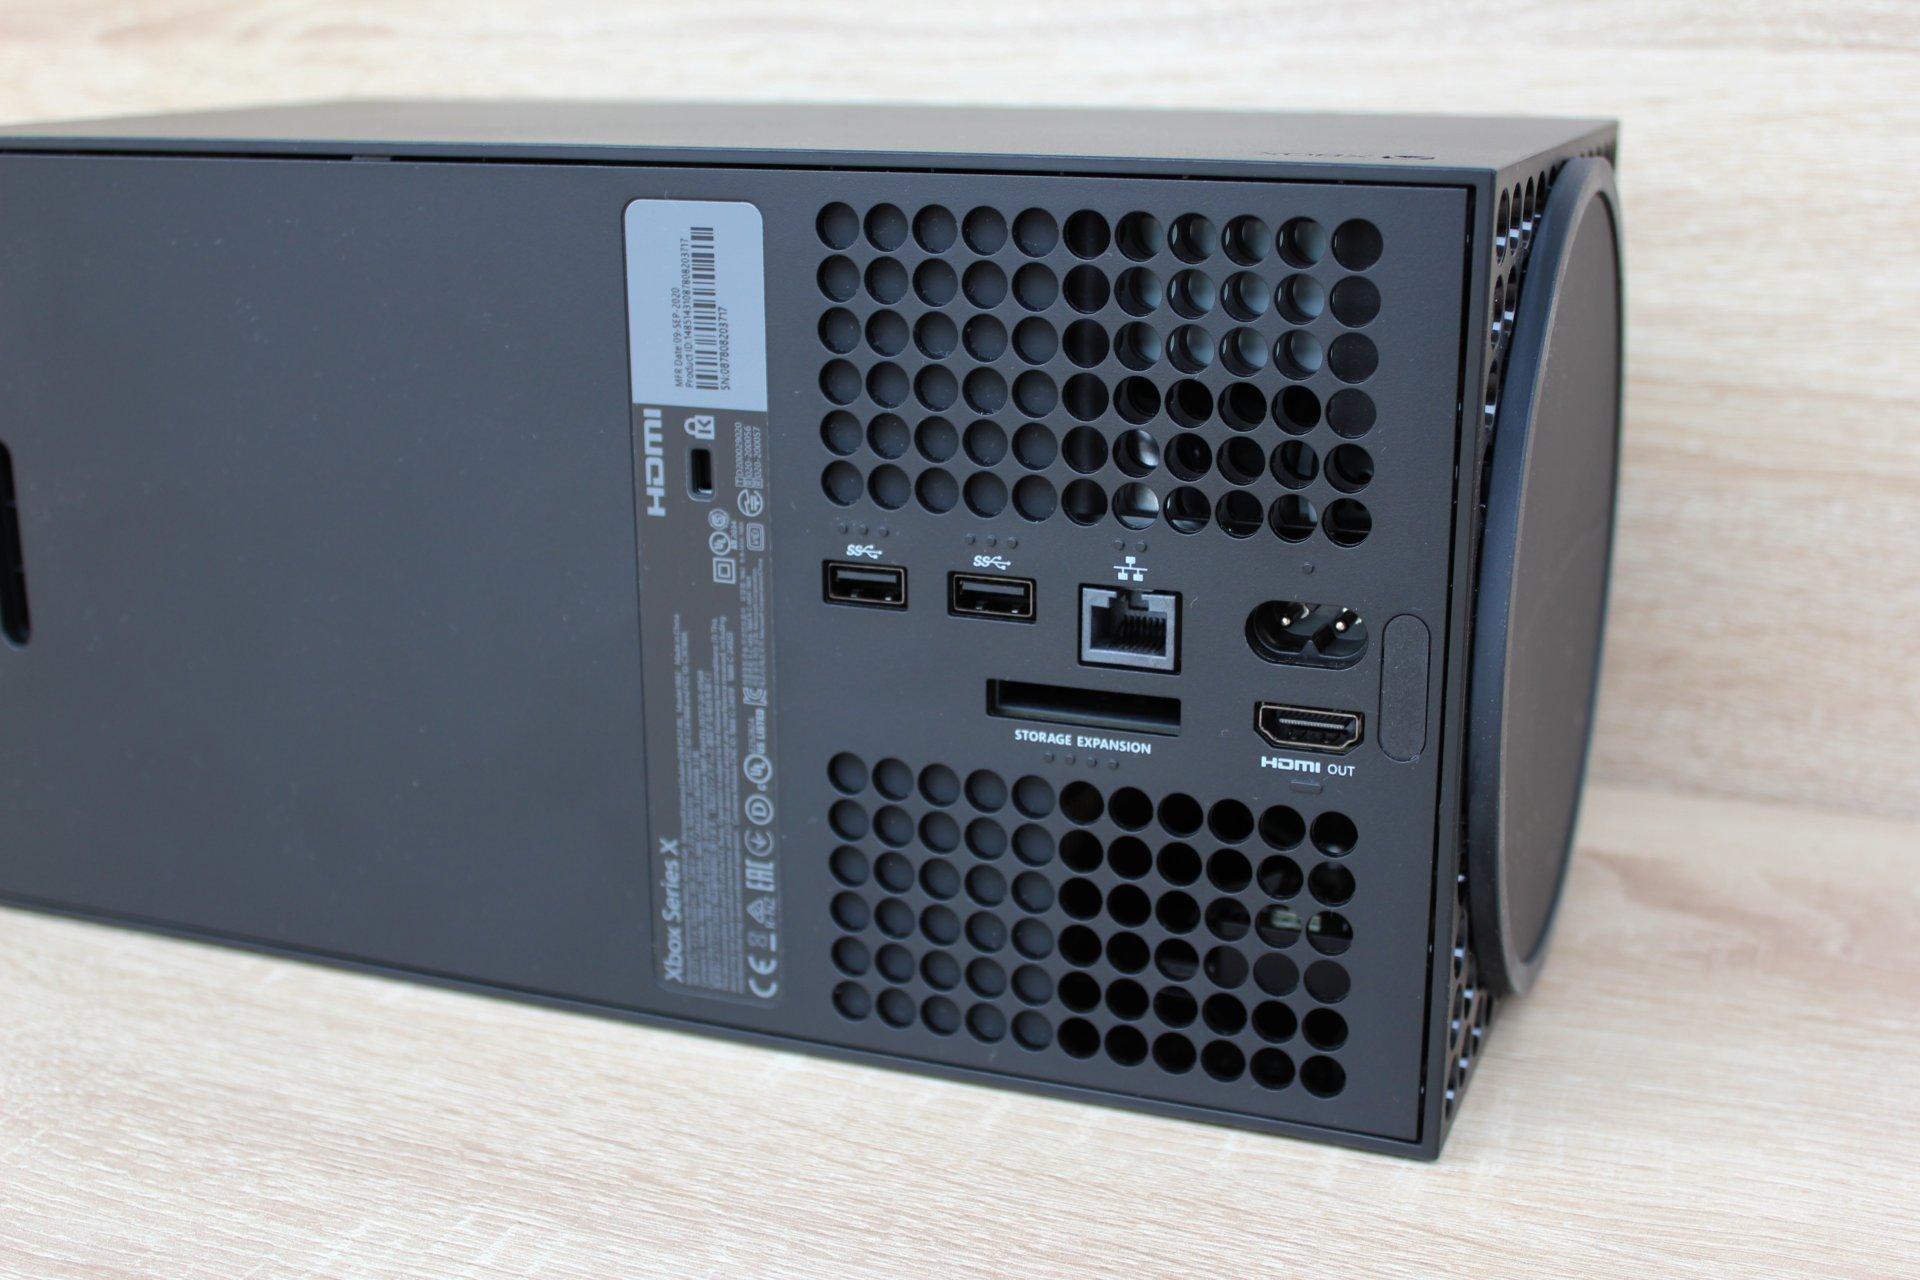 Väčšina portov je vzadu. Do špeciálneho slotu označeného ako Storage Expansion viete pripojiť externý disk a spúšťať z neho hry. Stojí však viac než dve stovky.